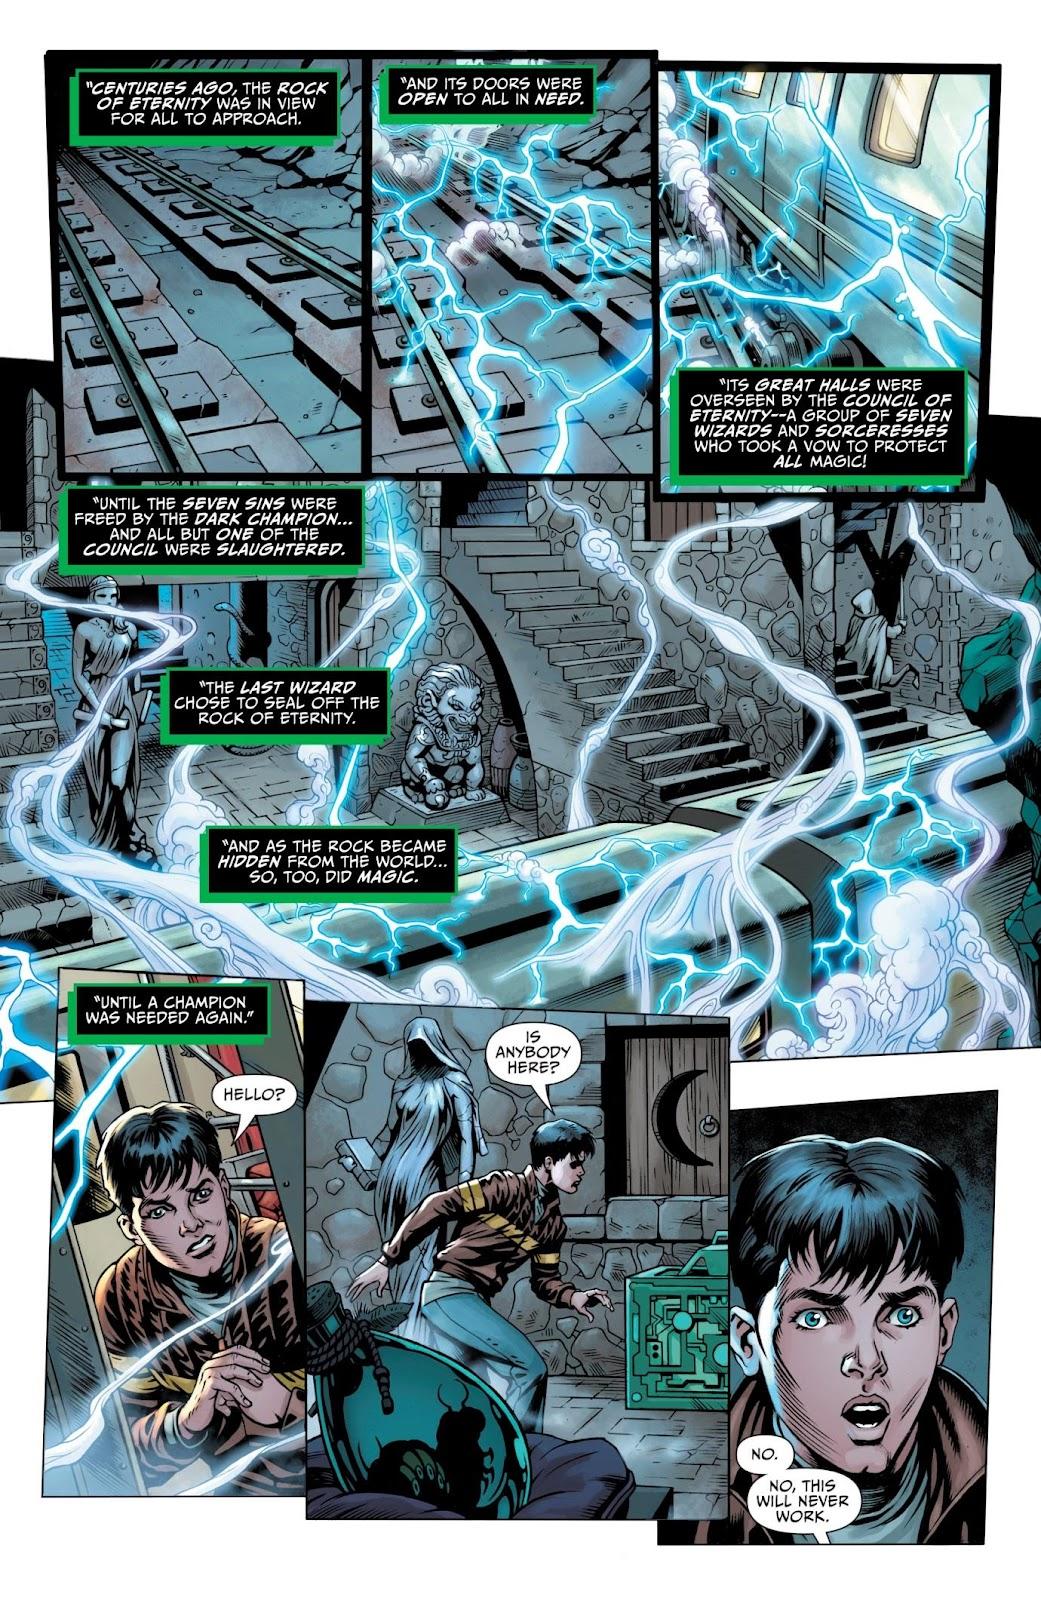 D:\Comics66\Shazam\shazam01\Shazam01pic\Shazam! (2018-) 001-003.jpg